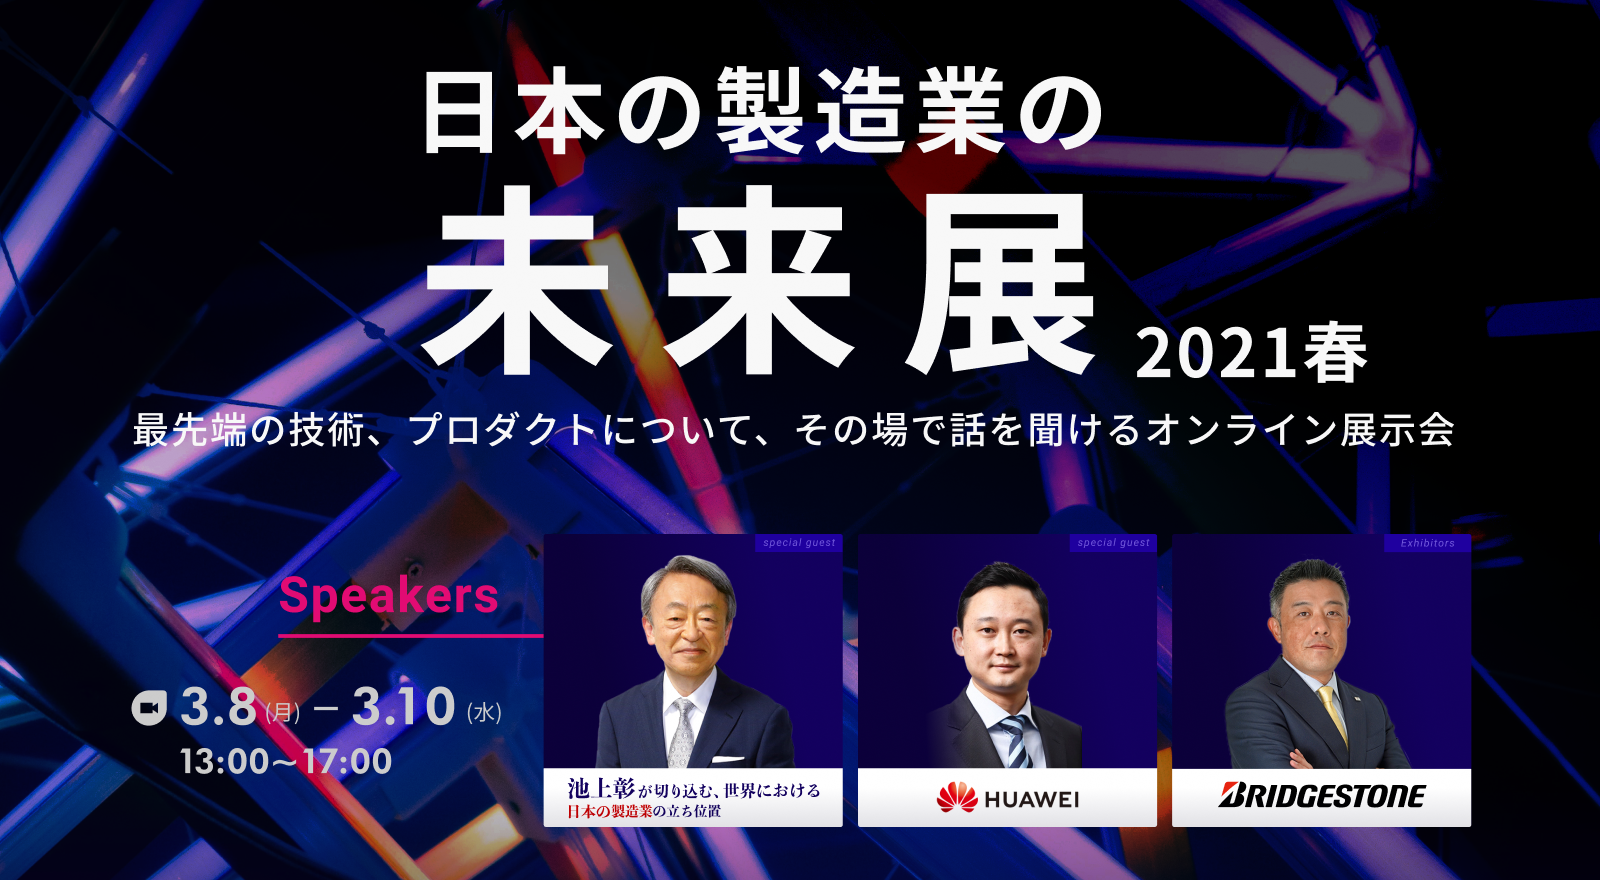 日本の製造業の未来展2021春eyecatch2